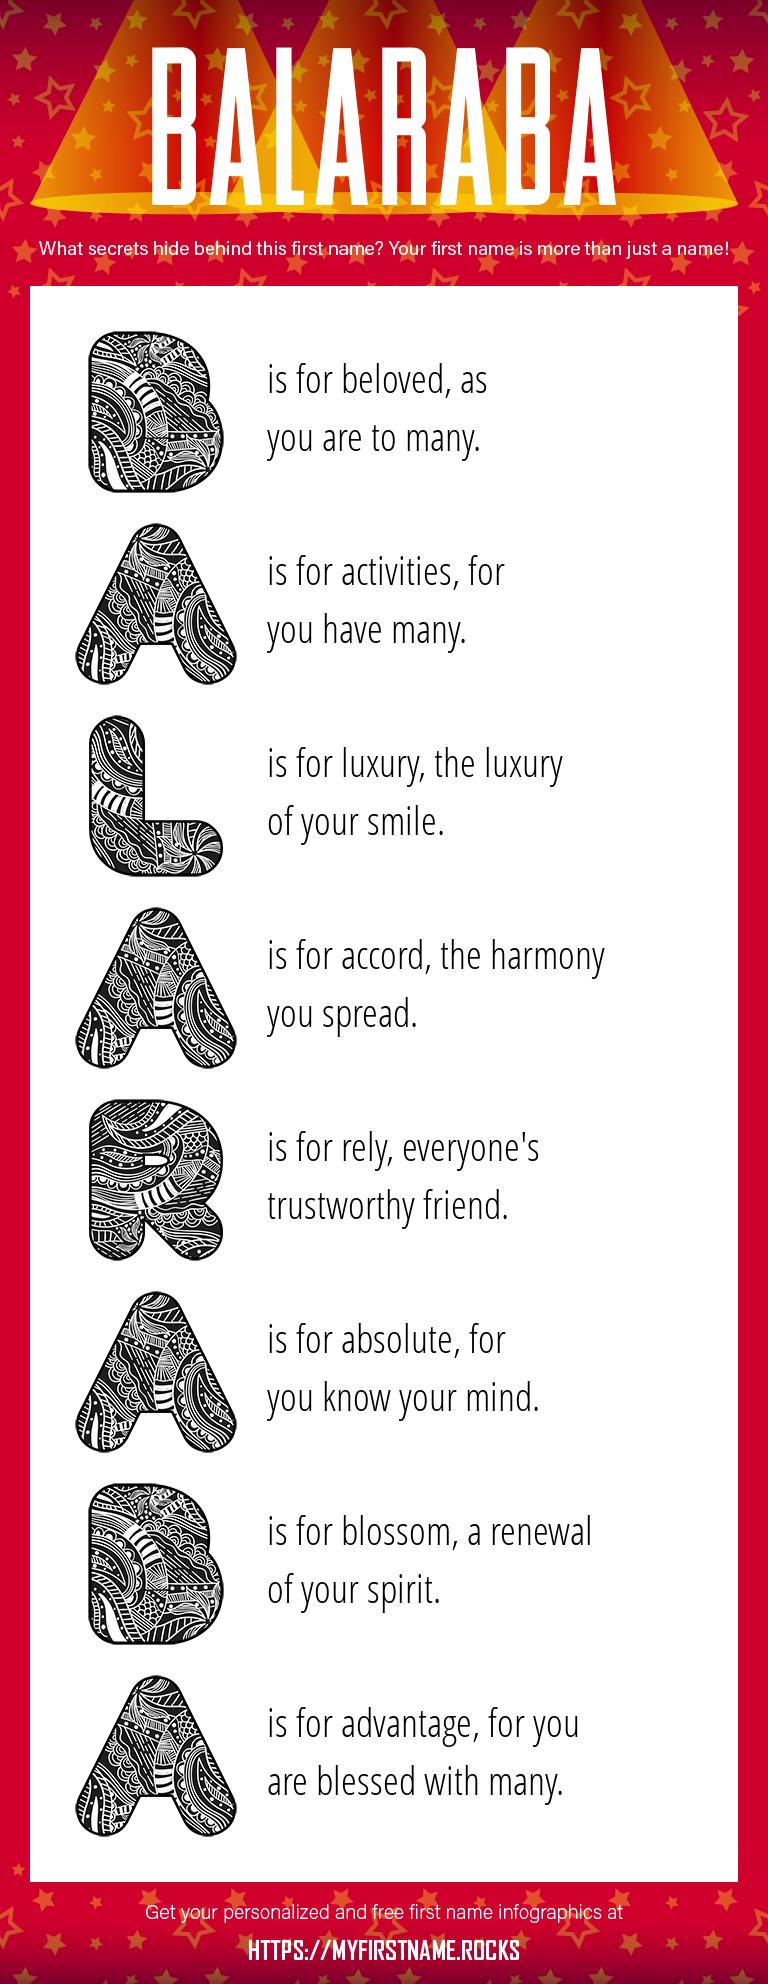 Balaraba Infographics